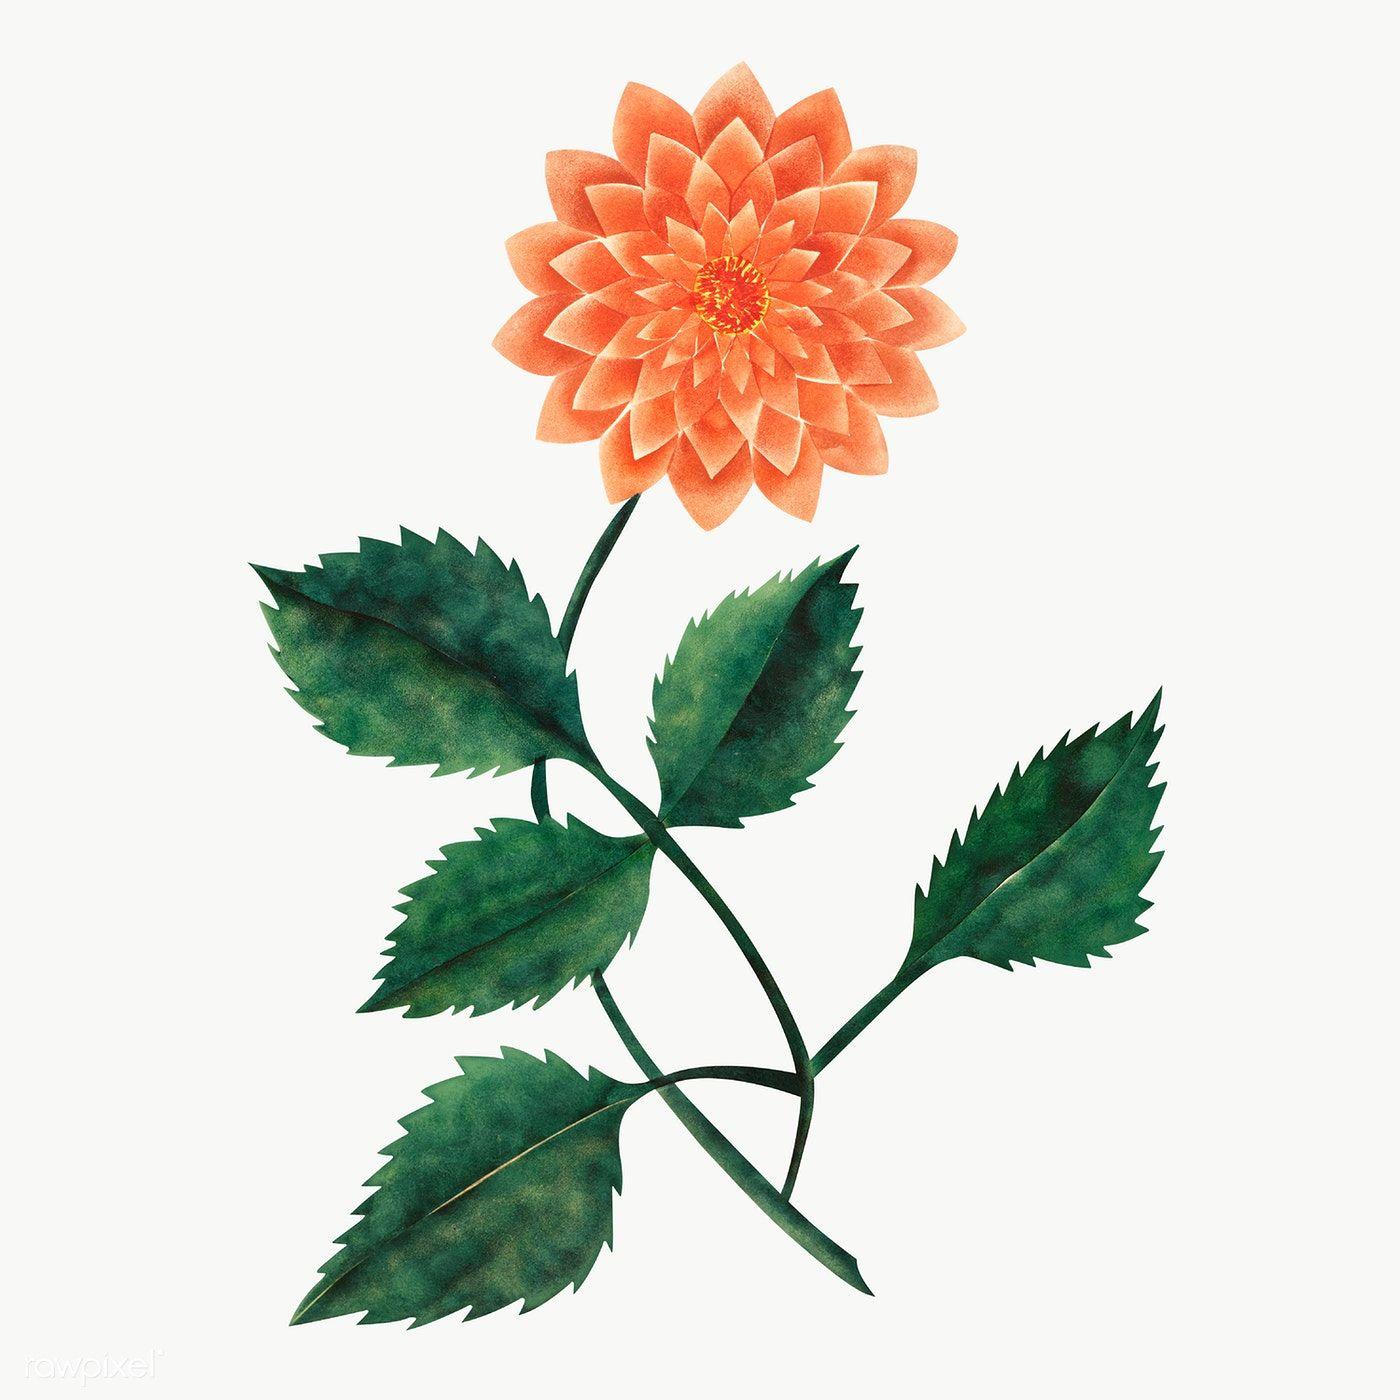 Download Premium Png Of Dahlia Flower Vintage Illustration Transparent Png ในป 2020